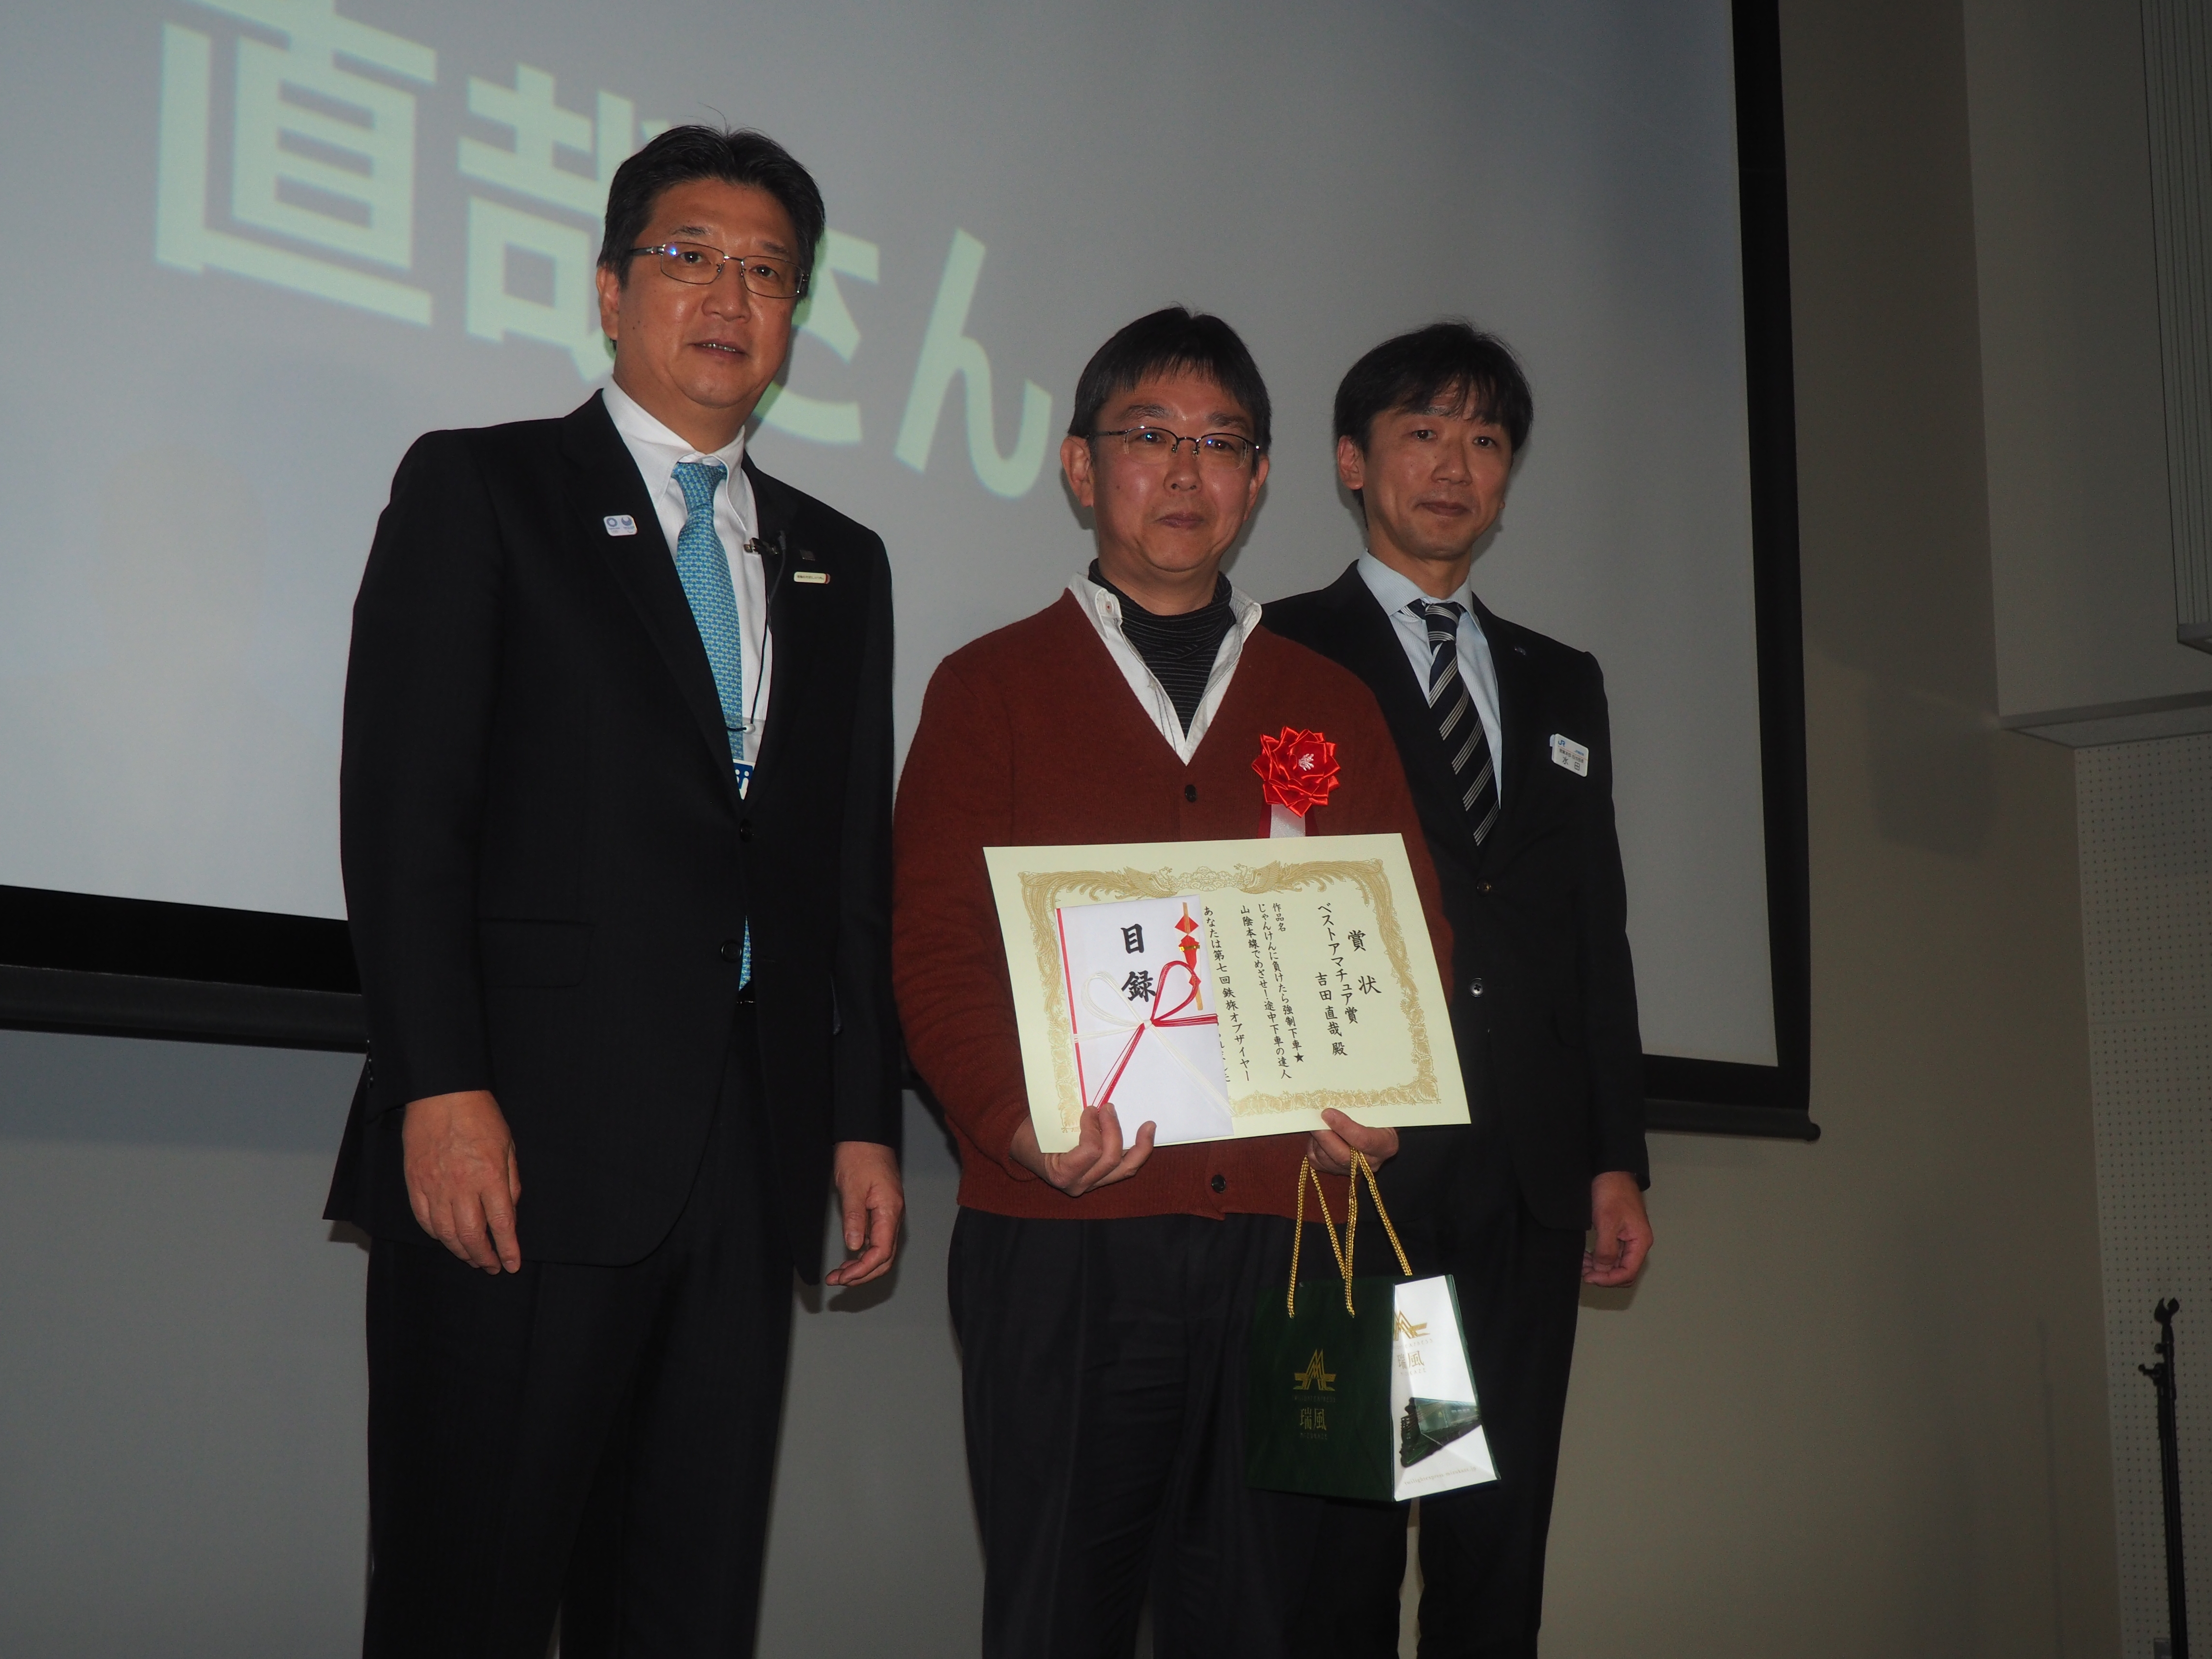 2017年度の「鉄旅オブザイヤー」授賞式で、「ベストアマチュア賞」を受けた吉田直哉さんさん(真ん中)とJTBの高橋広行社長(左)ら=2月7日、さいたま市の鉄道博物館